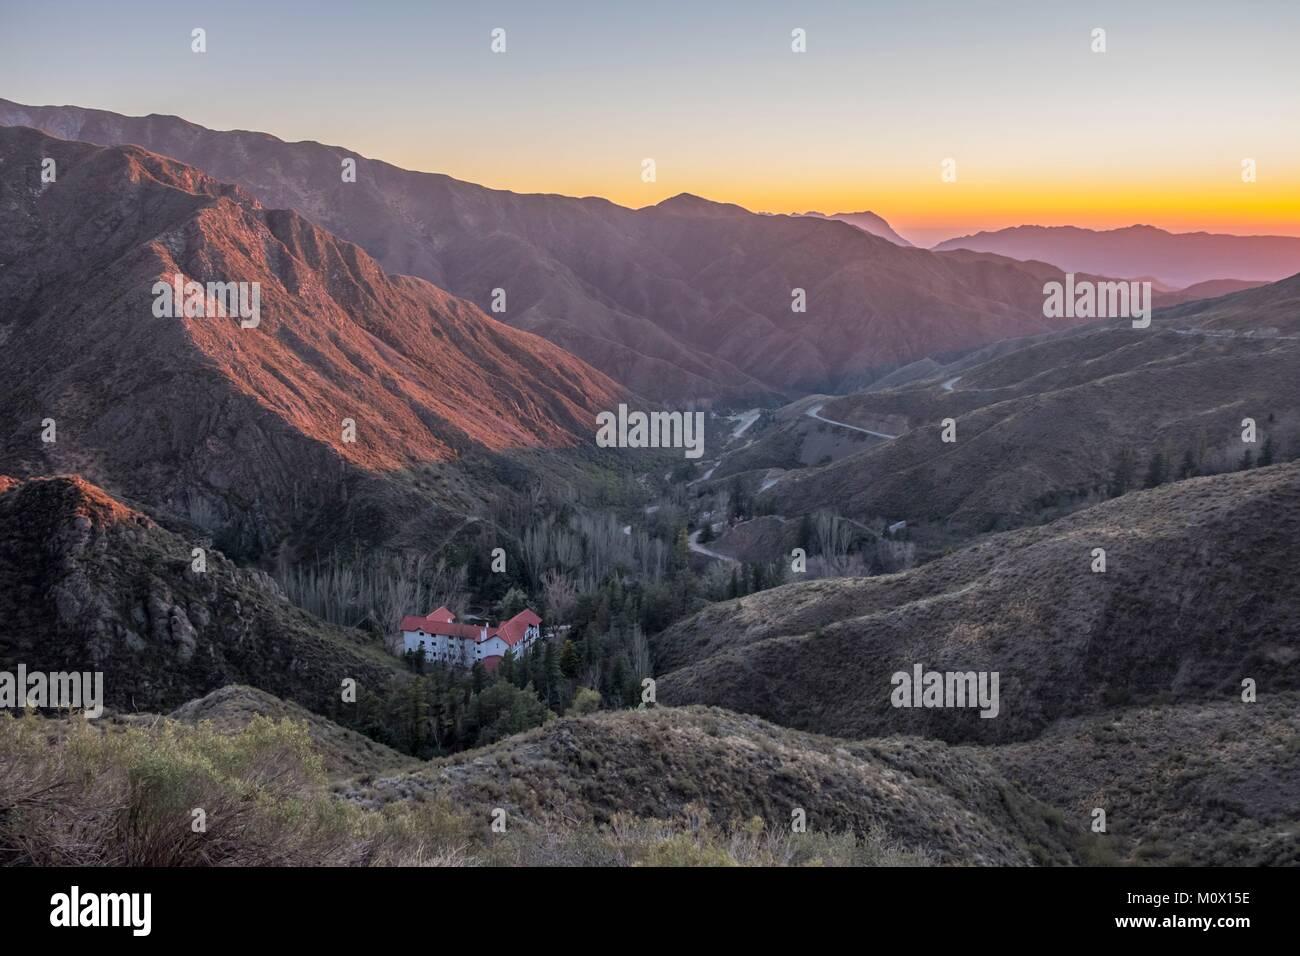 Argentina,Provincia de Mendoza,Villavicencio,Road hacia la Reserva Natural Villavicencio Foto de stock